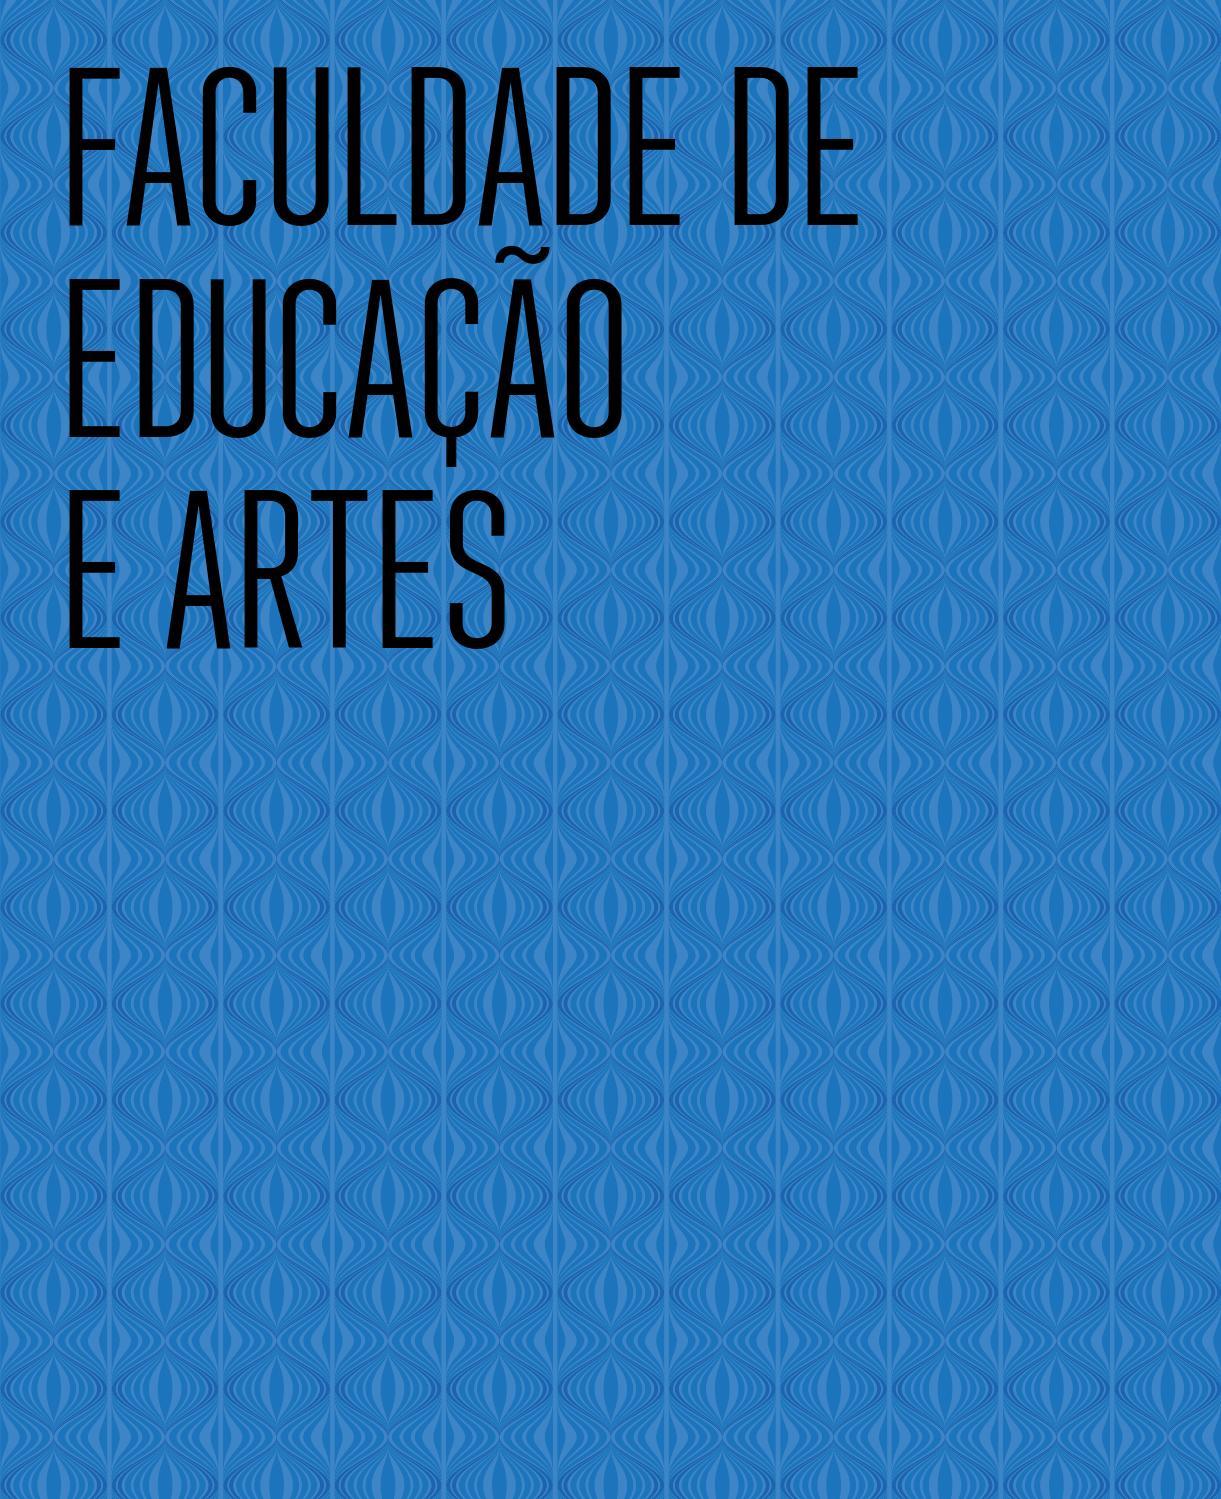 faculdade de educa231227o e artes by univap issuu